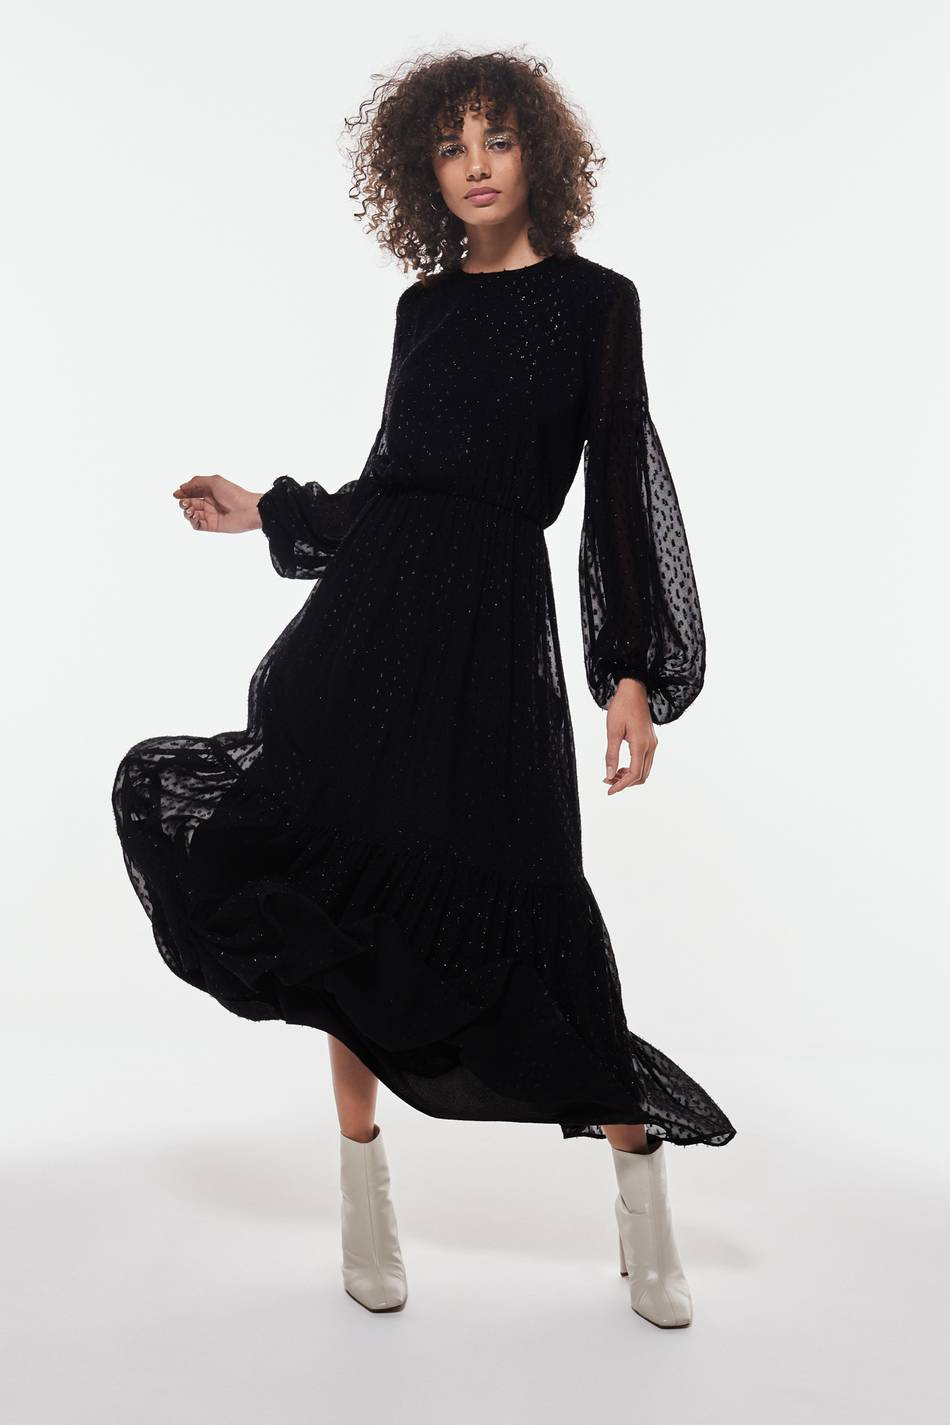 Image of Gina Tricot Asli chiffon maxi dress  - Black